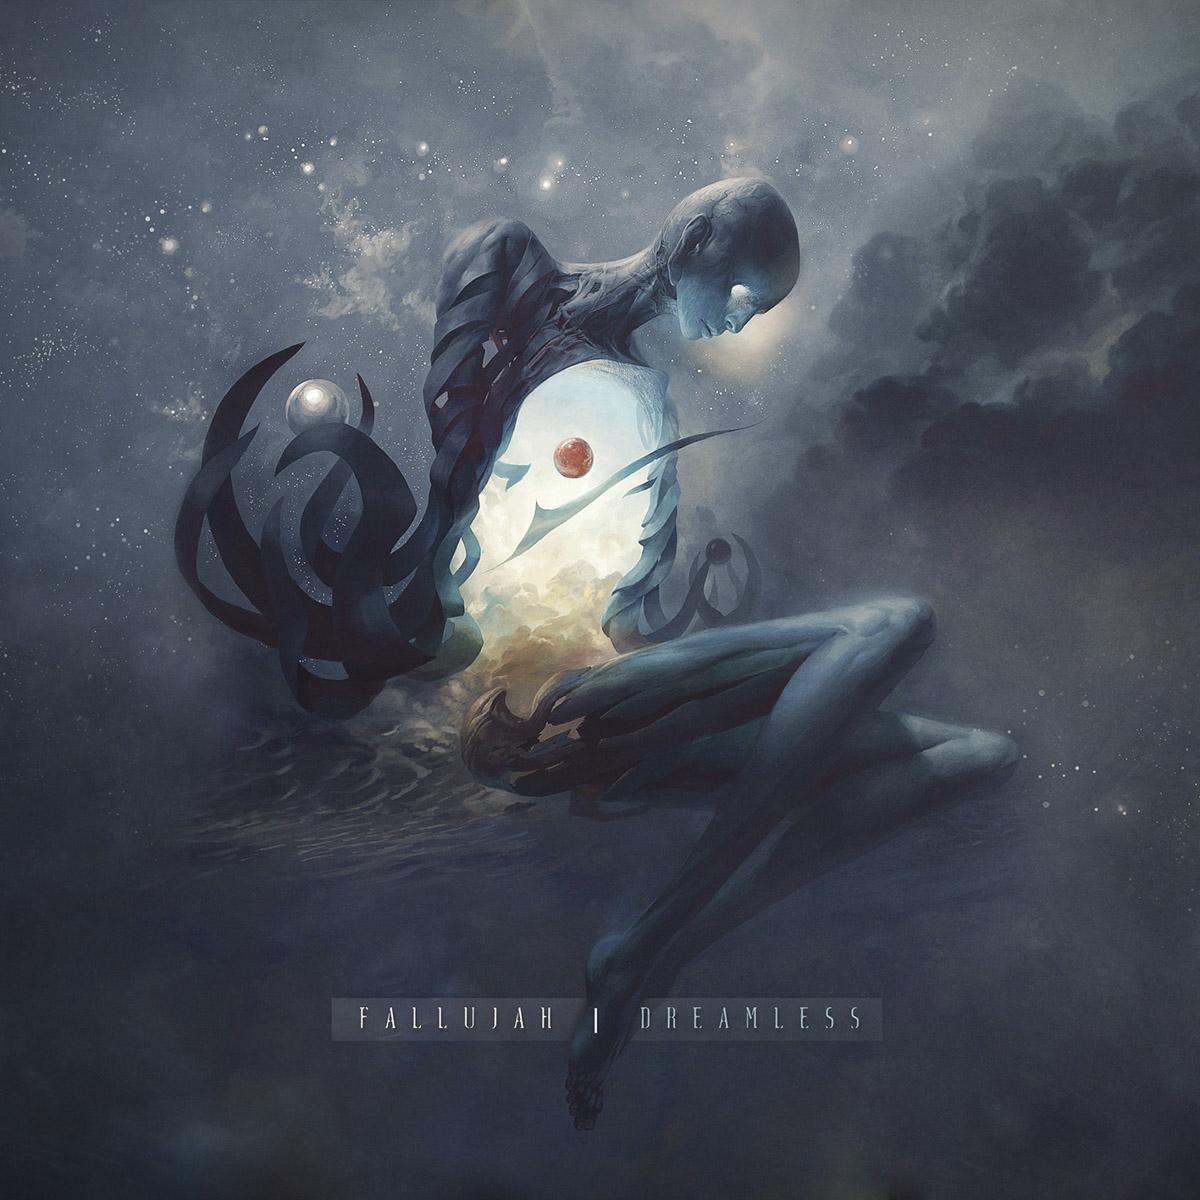 Fullujah - Dreamless